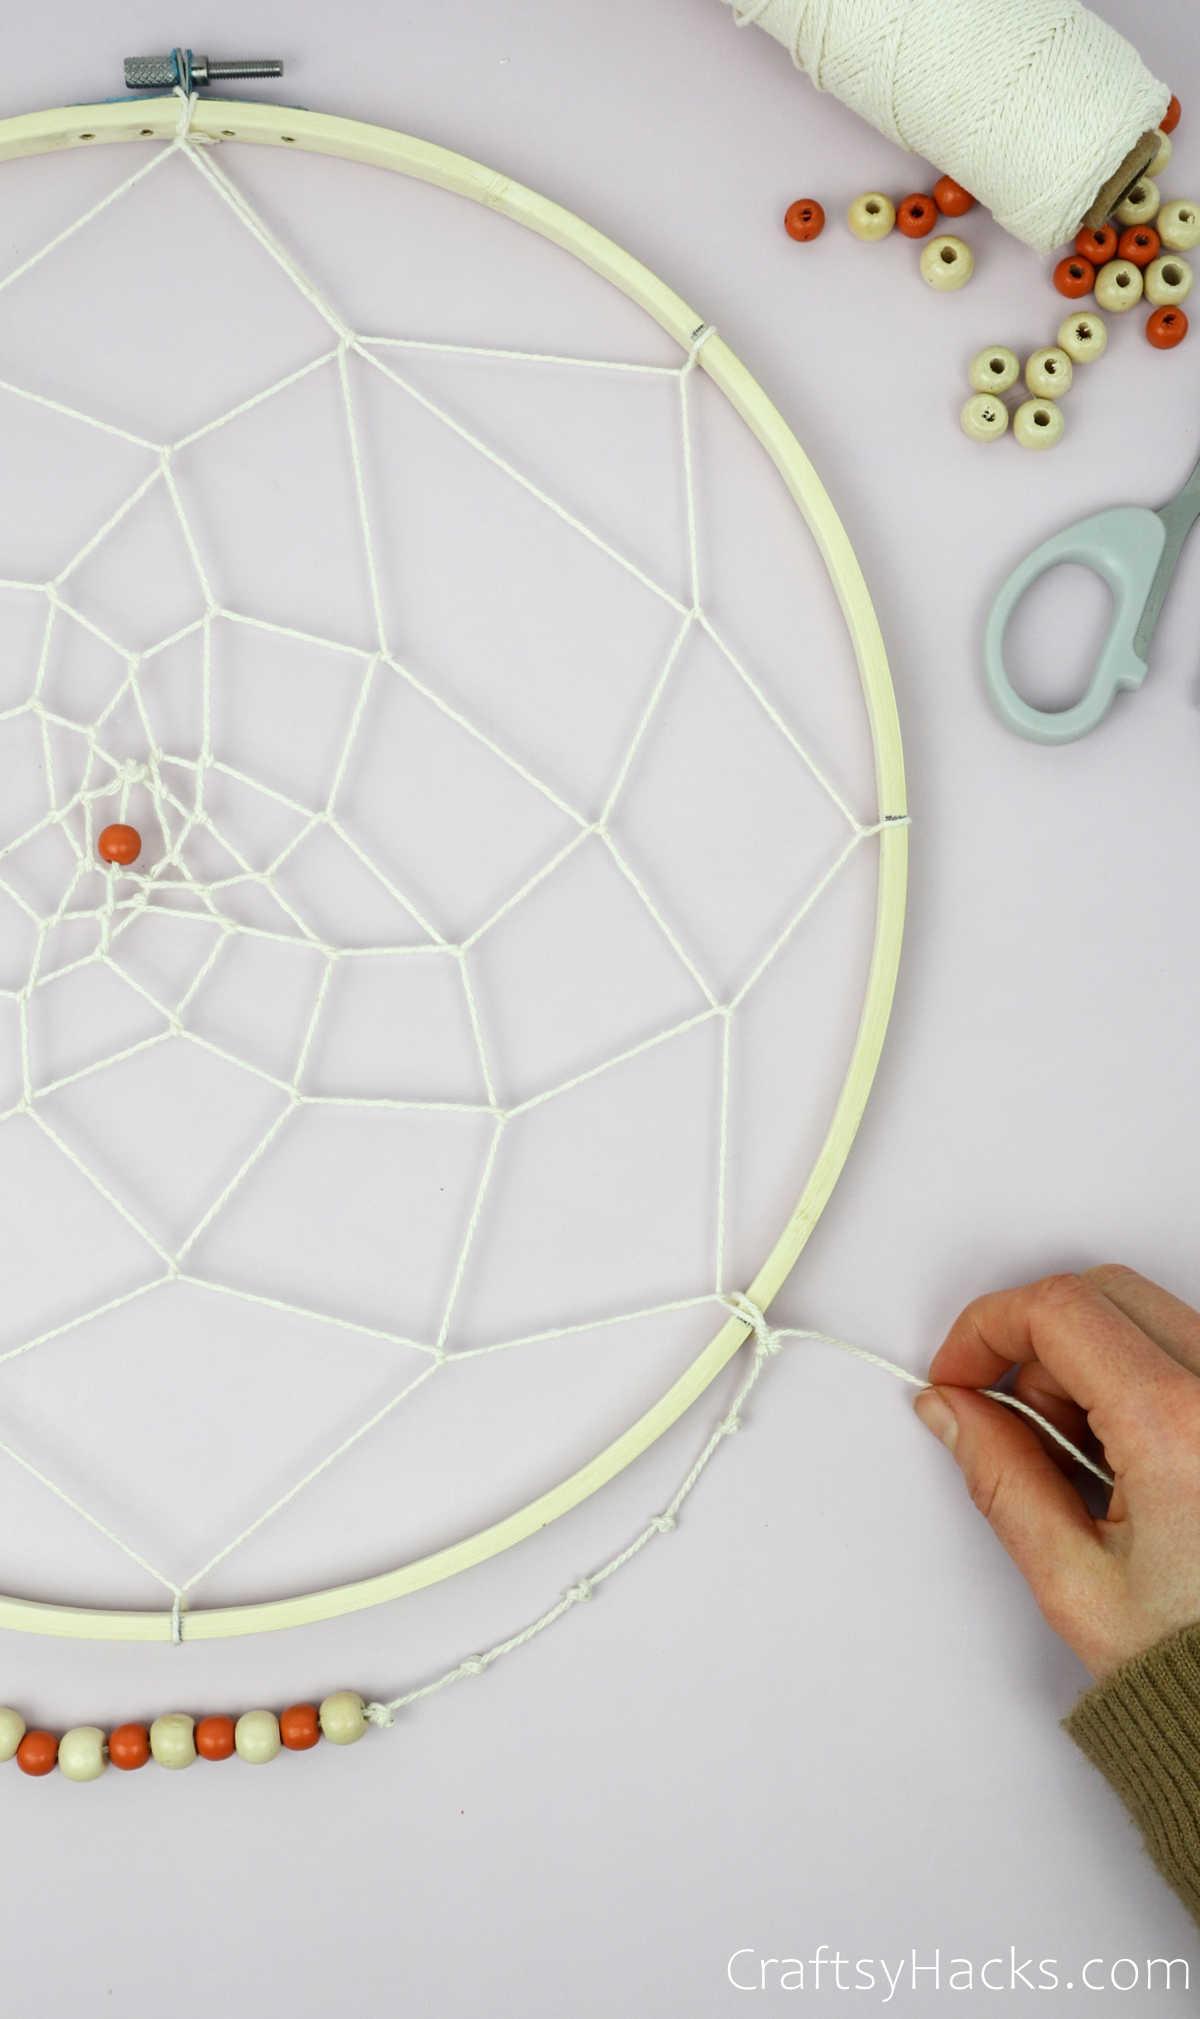 tying string to hoop